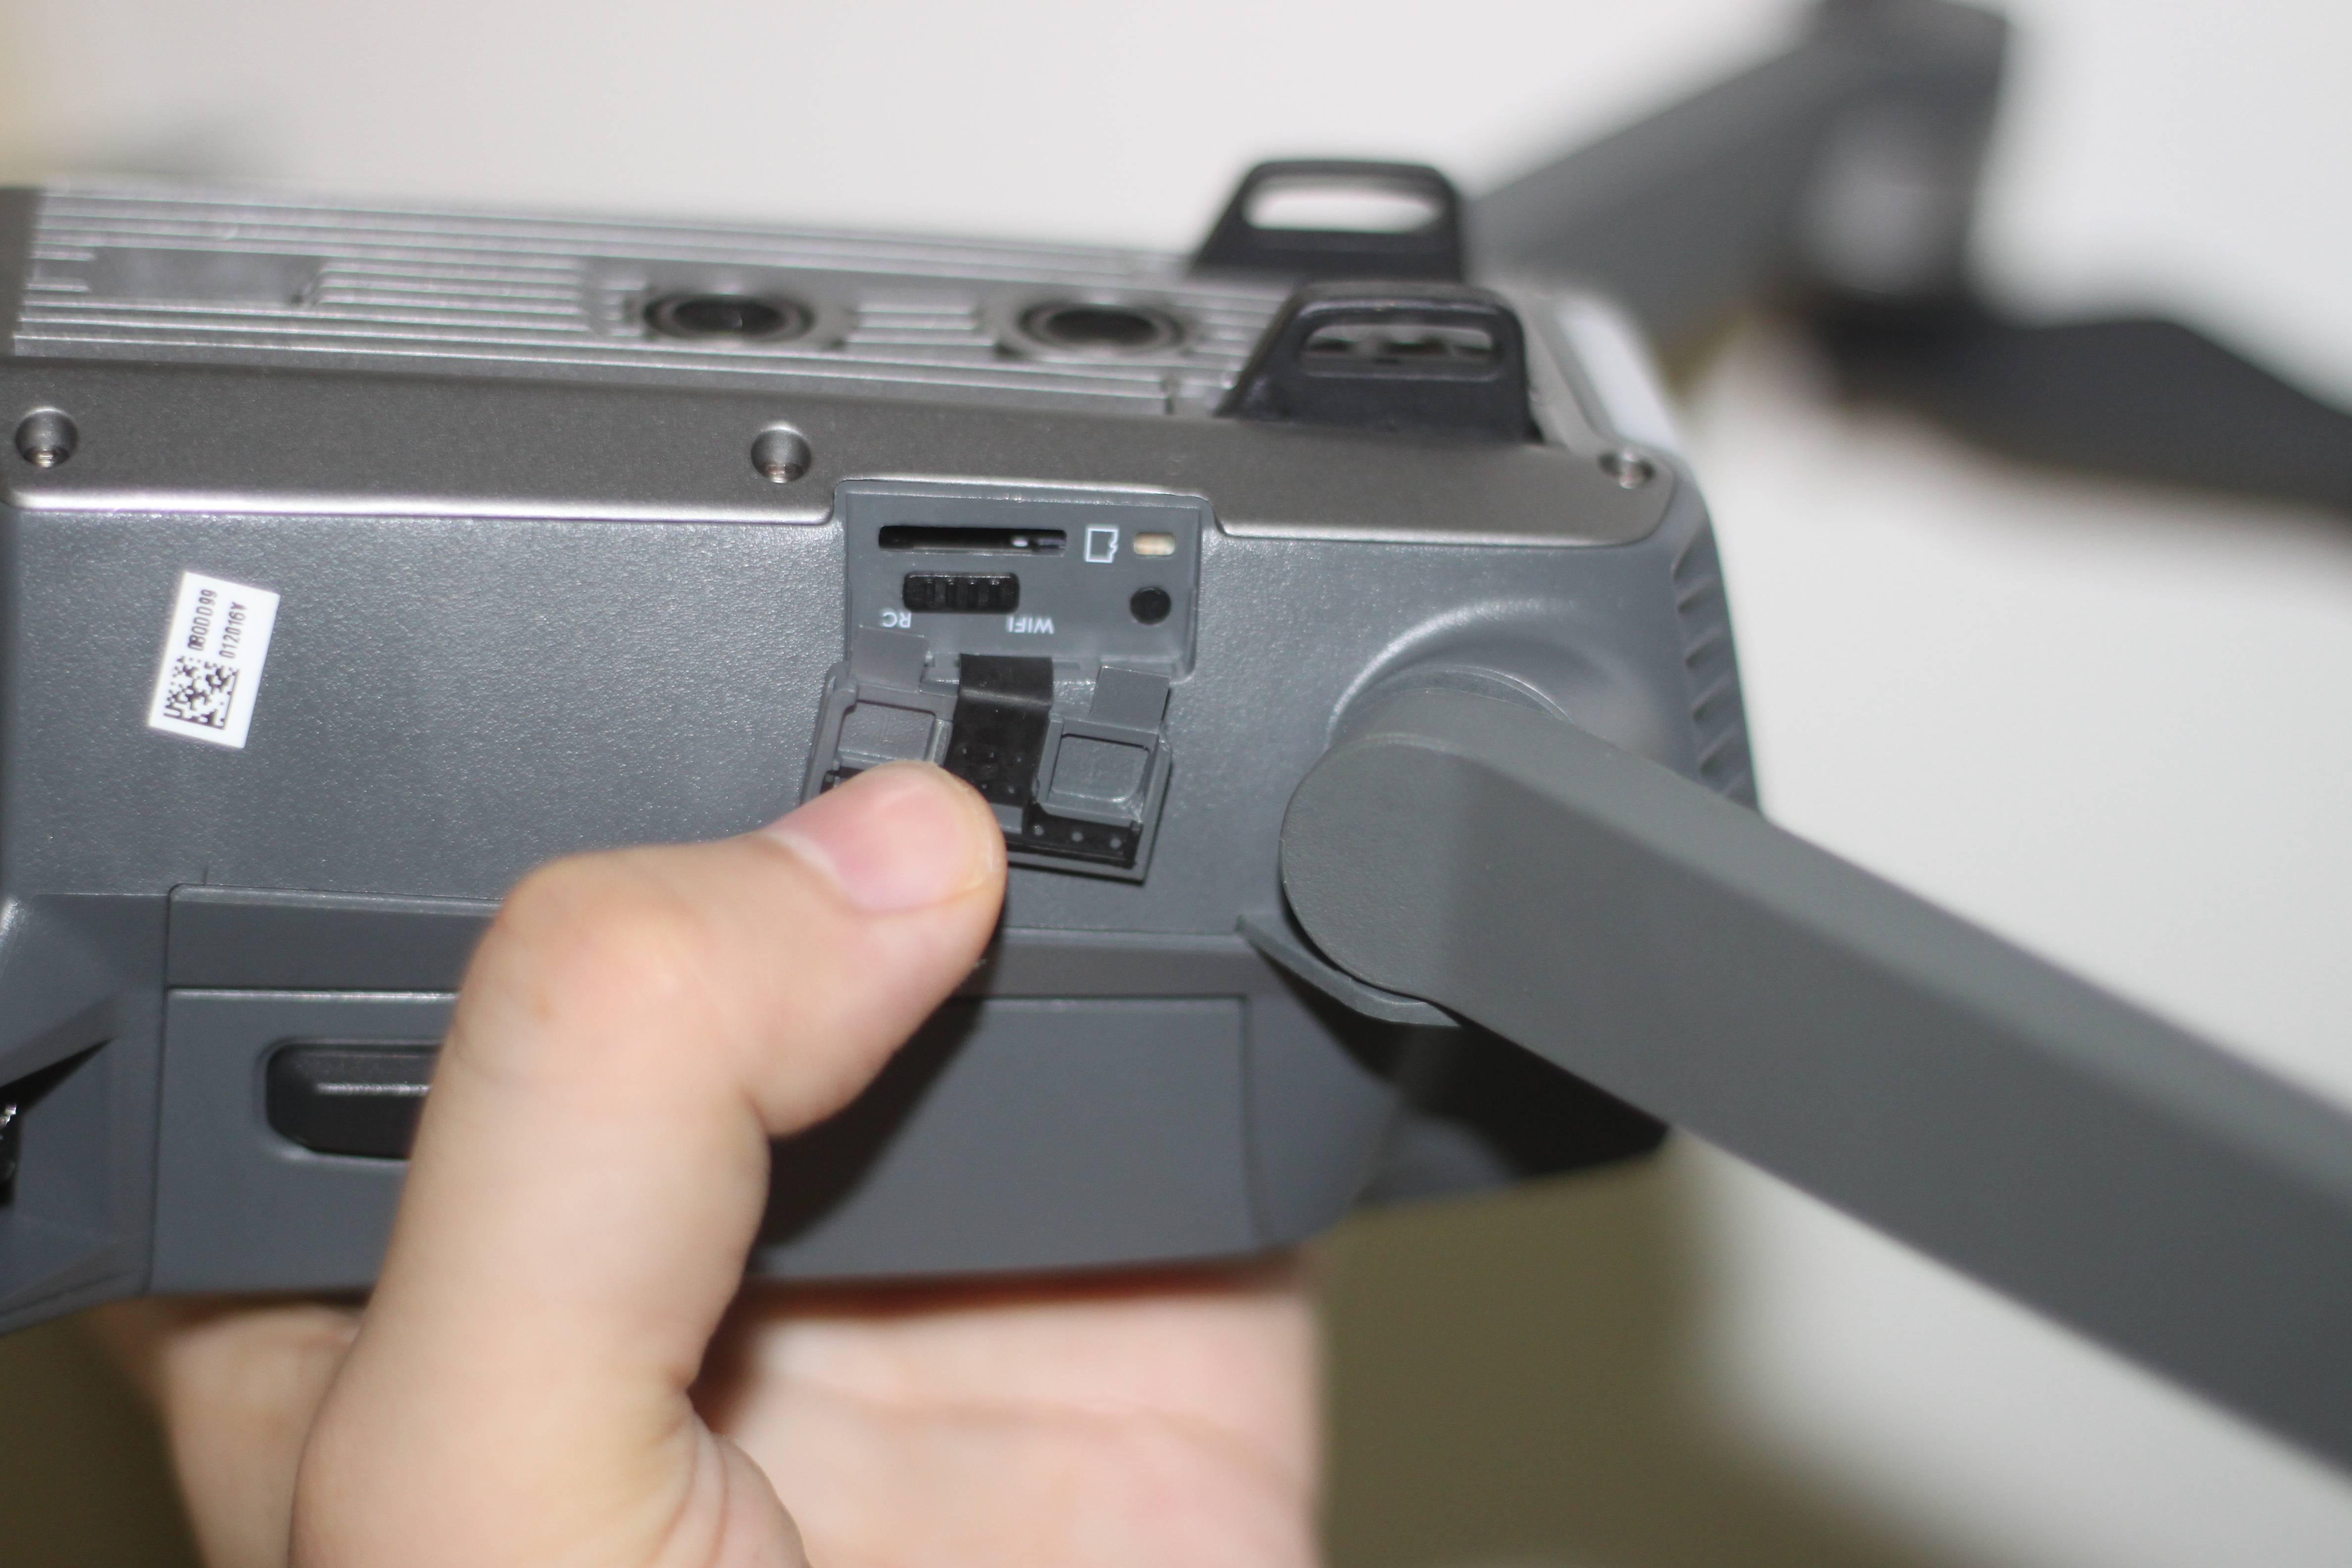 RC(遥控器模式)和 Wi-Fi 模式可以手动切换